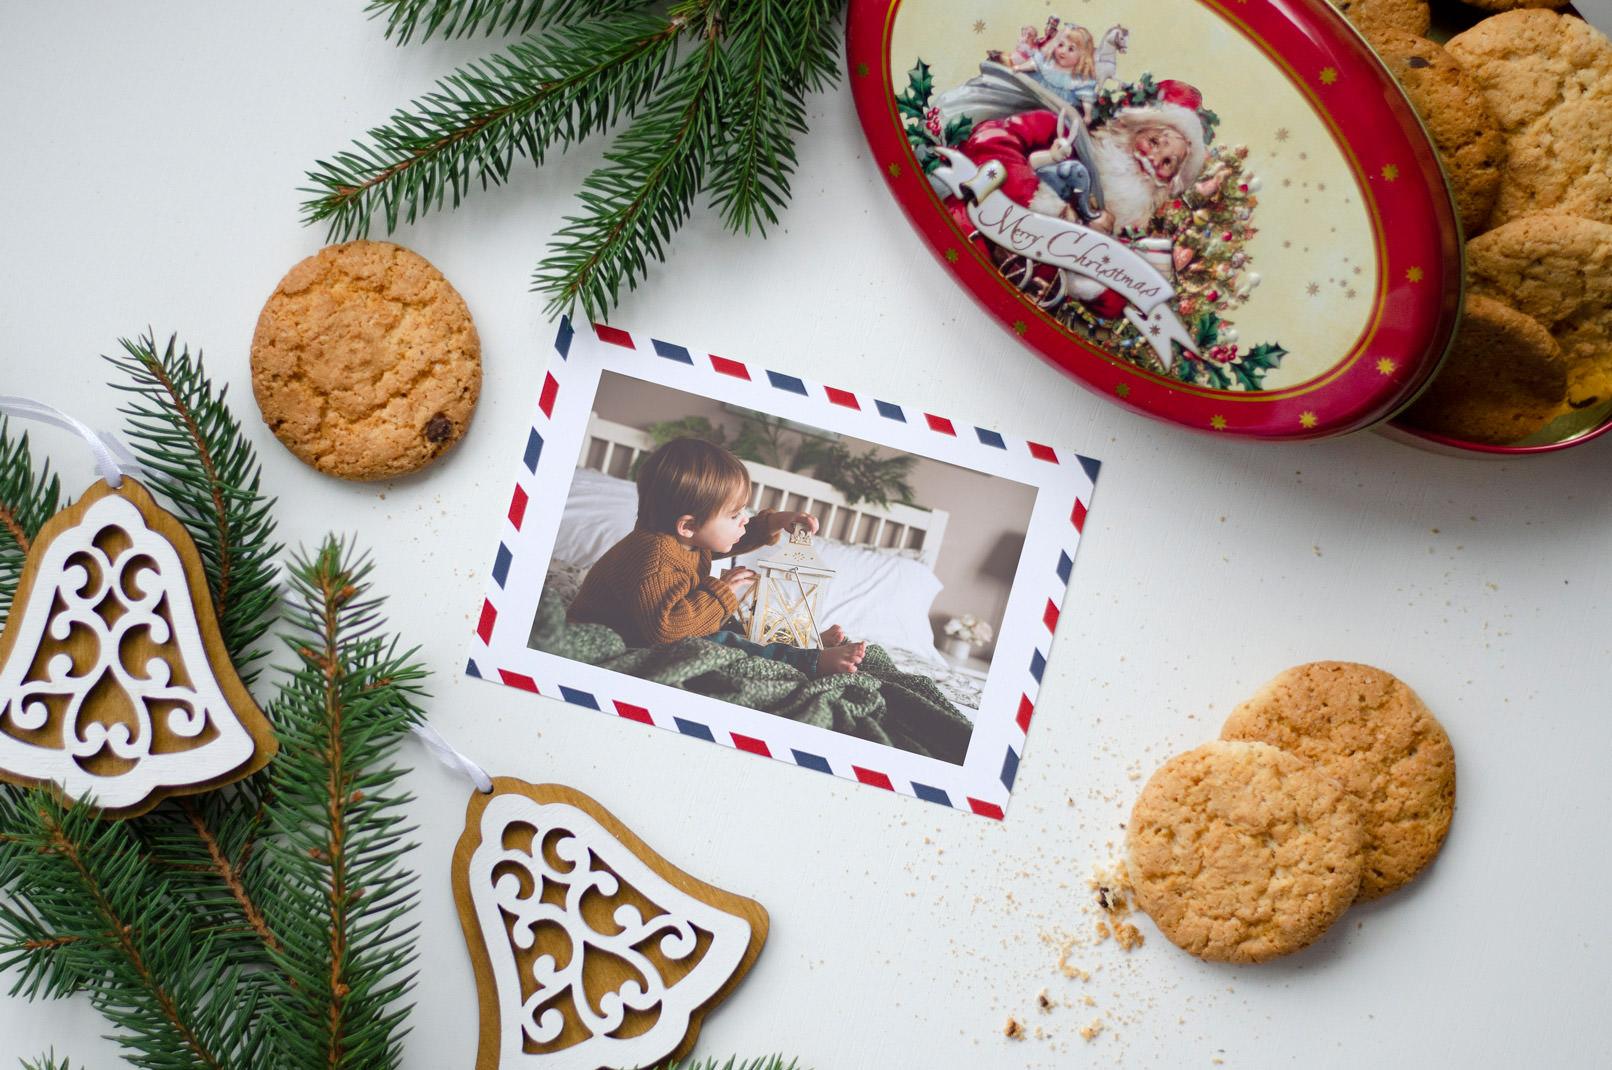 Weihnachtlicher Hintergrund mit einer Postkarte, auf der ein Foto platziert wurde